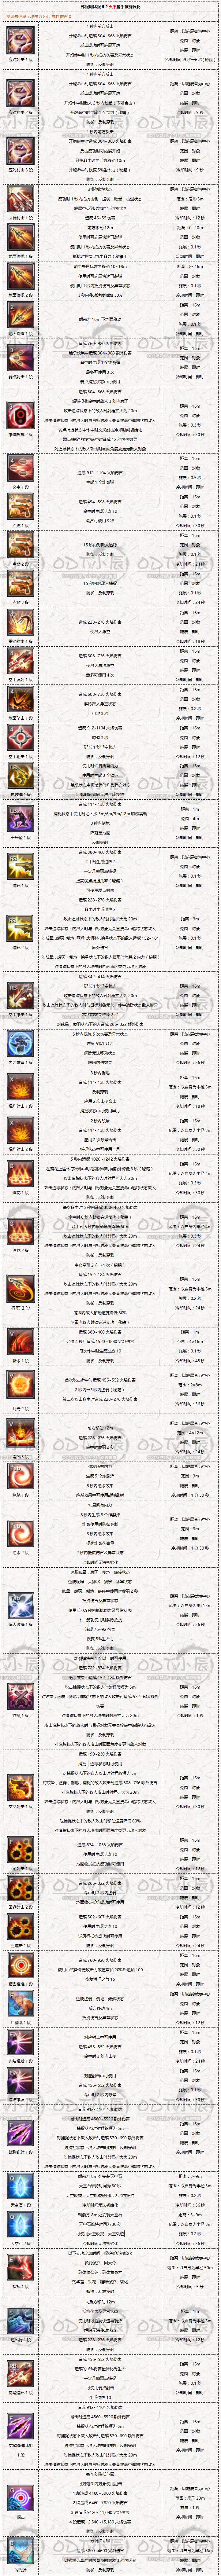 韩测6.2火系枪手技能汉化.png